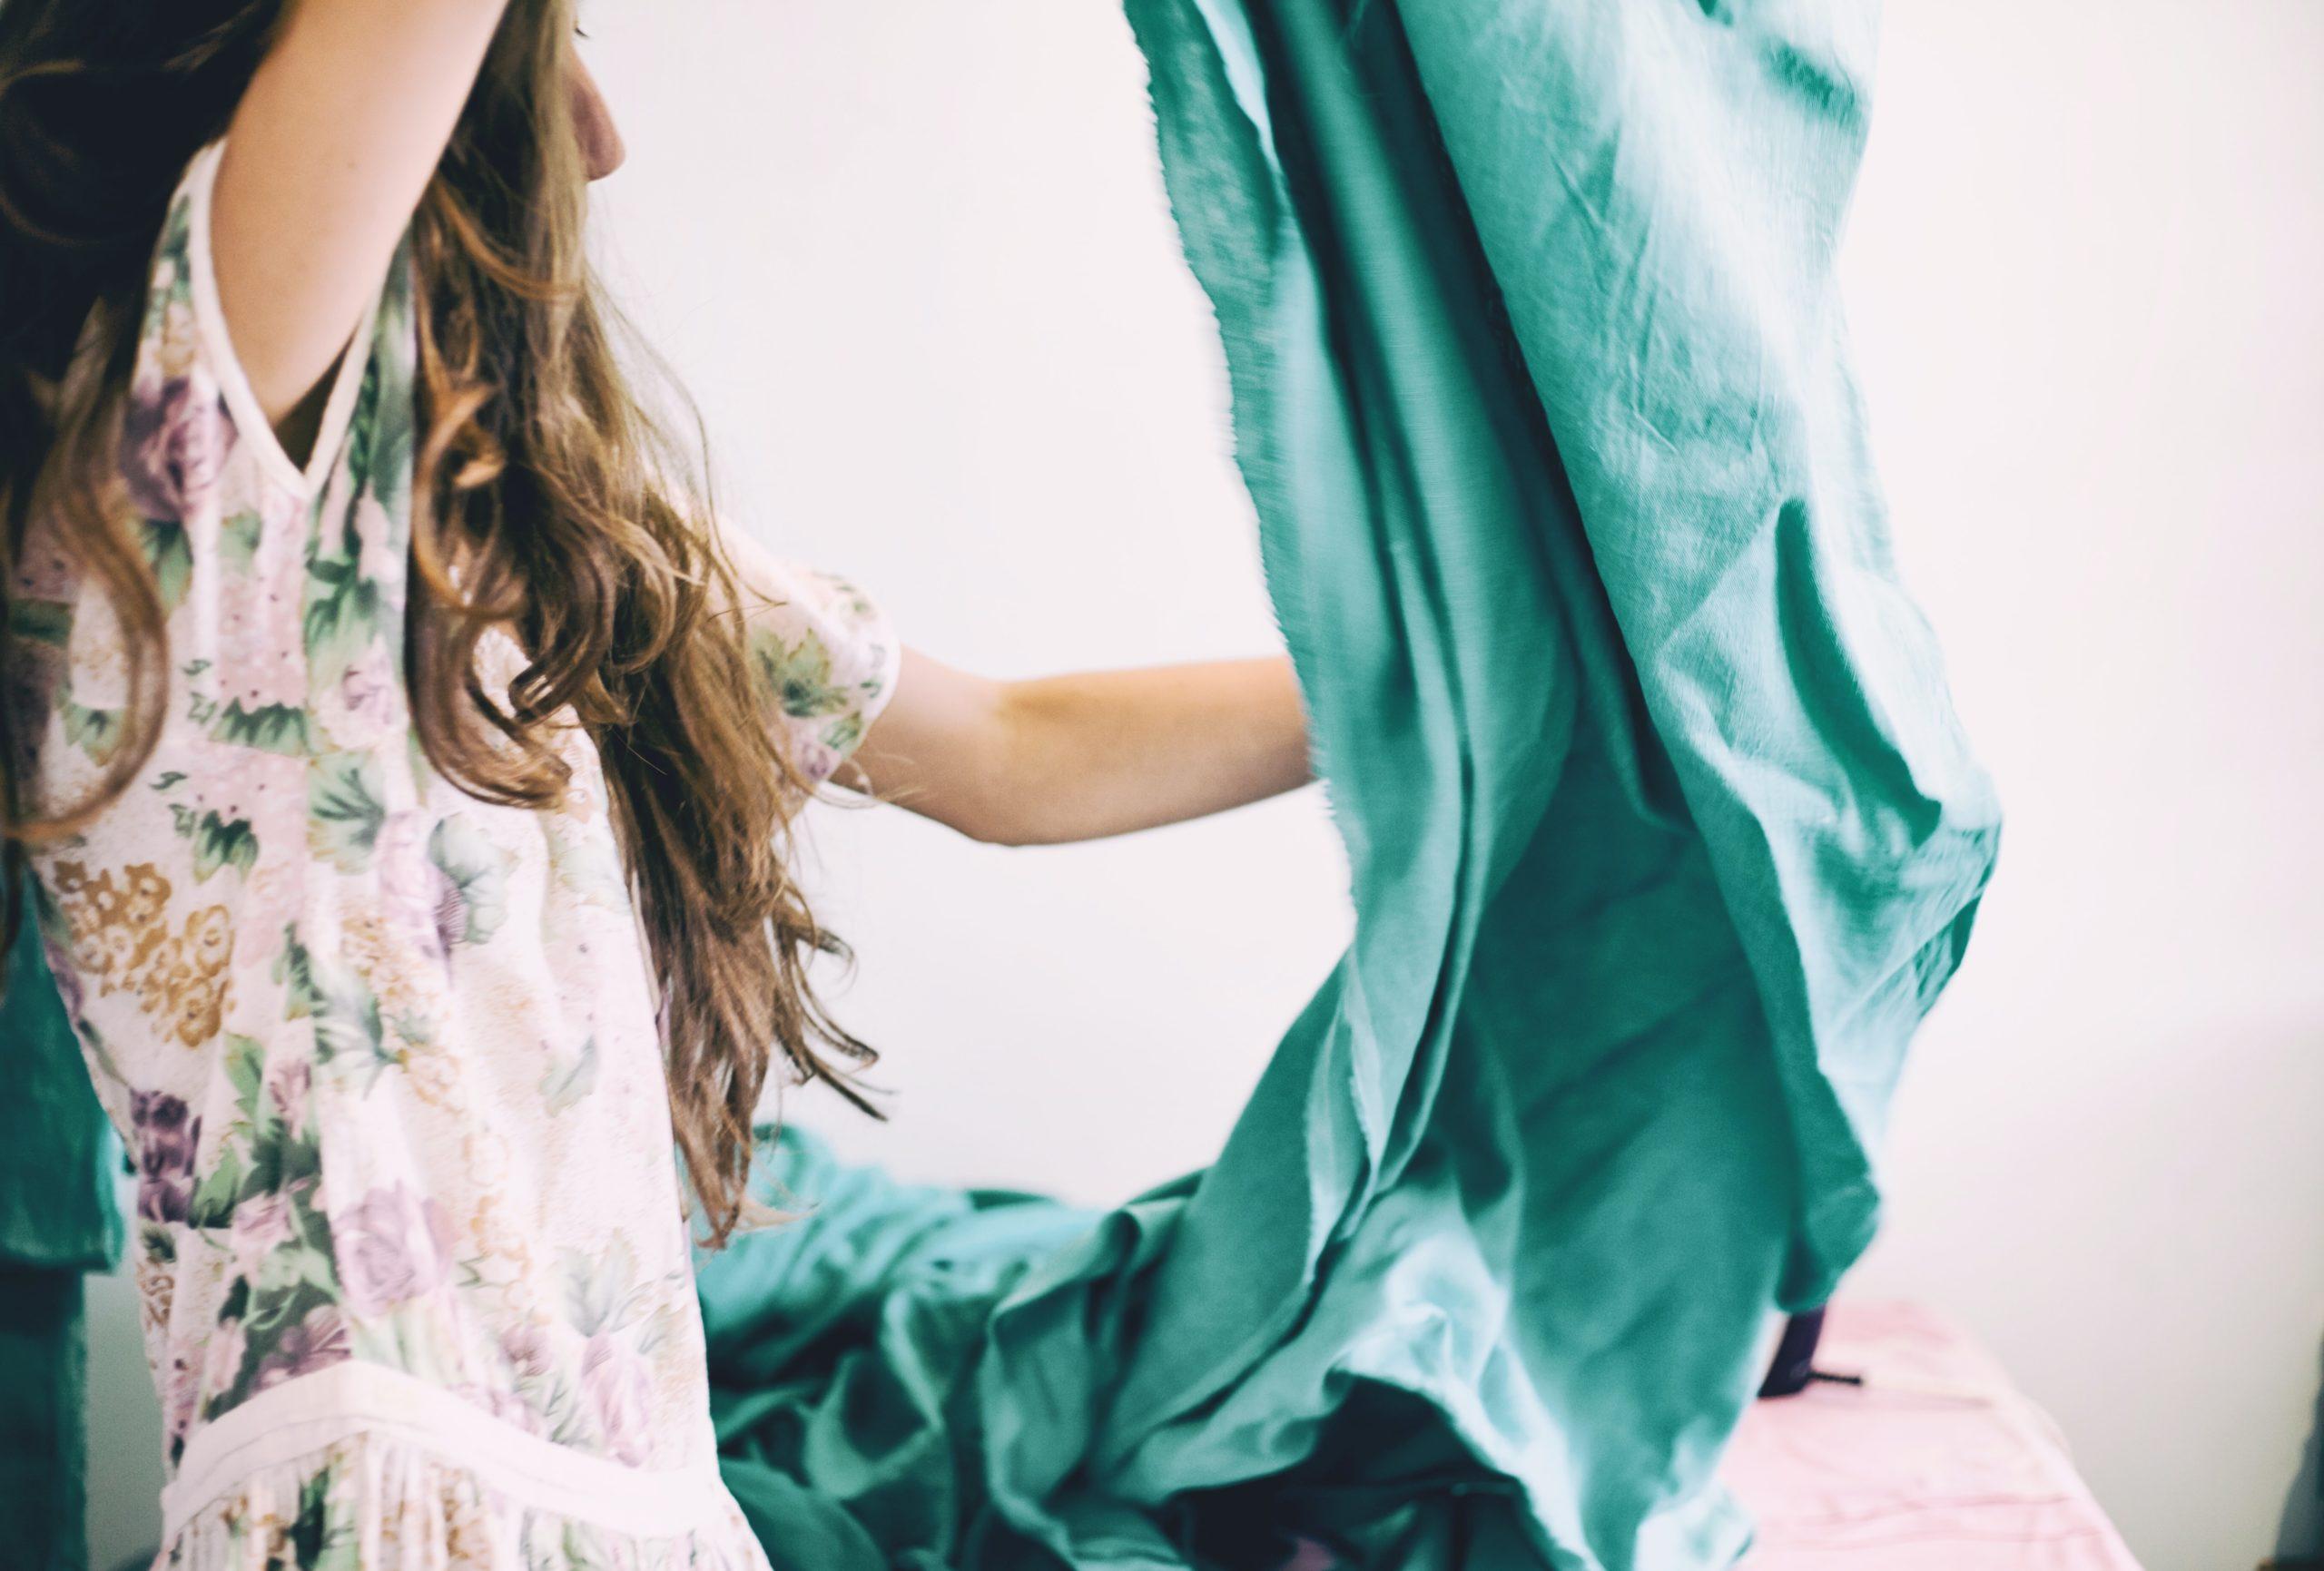 Les astuces DIY pour en finir avec le gaspillage textile !